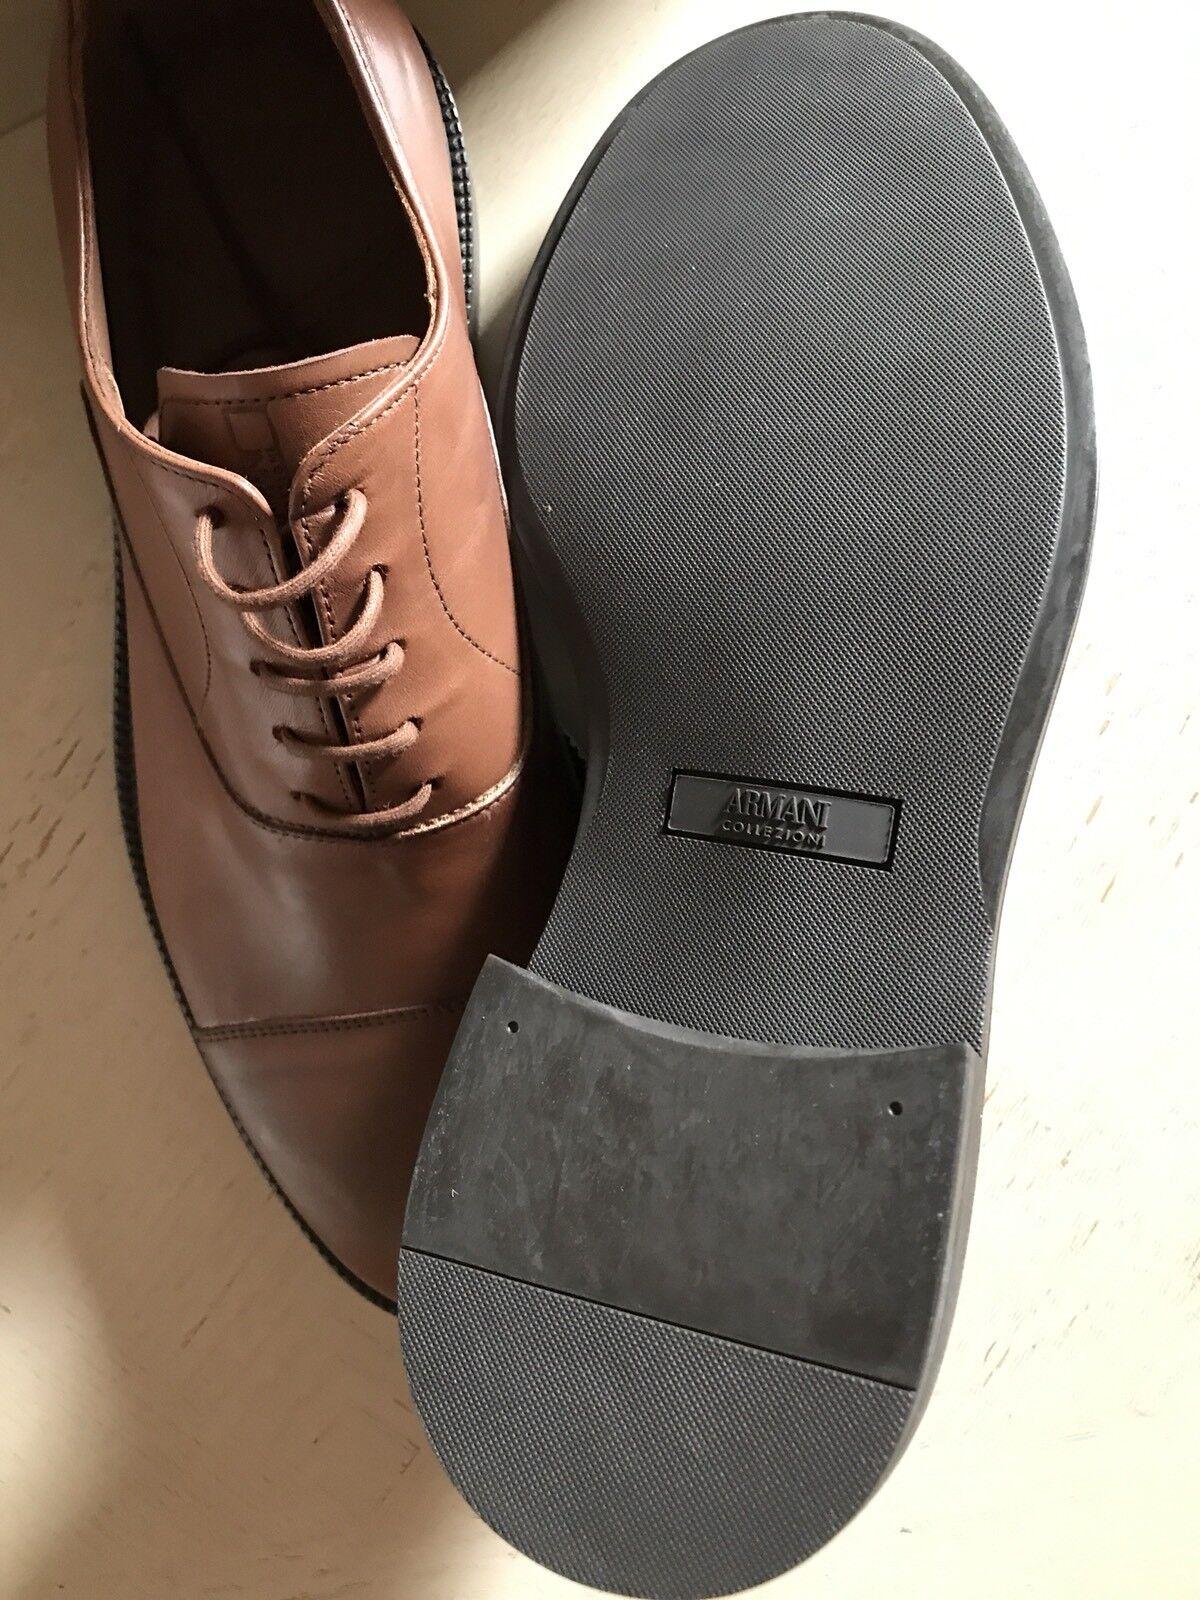 New 675 Armani marrone Collezioni Scarpe Uomo Pelle Oxford Scarpe Collezioni marrone   487ad7